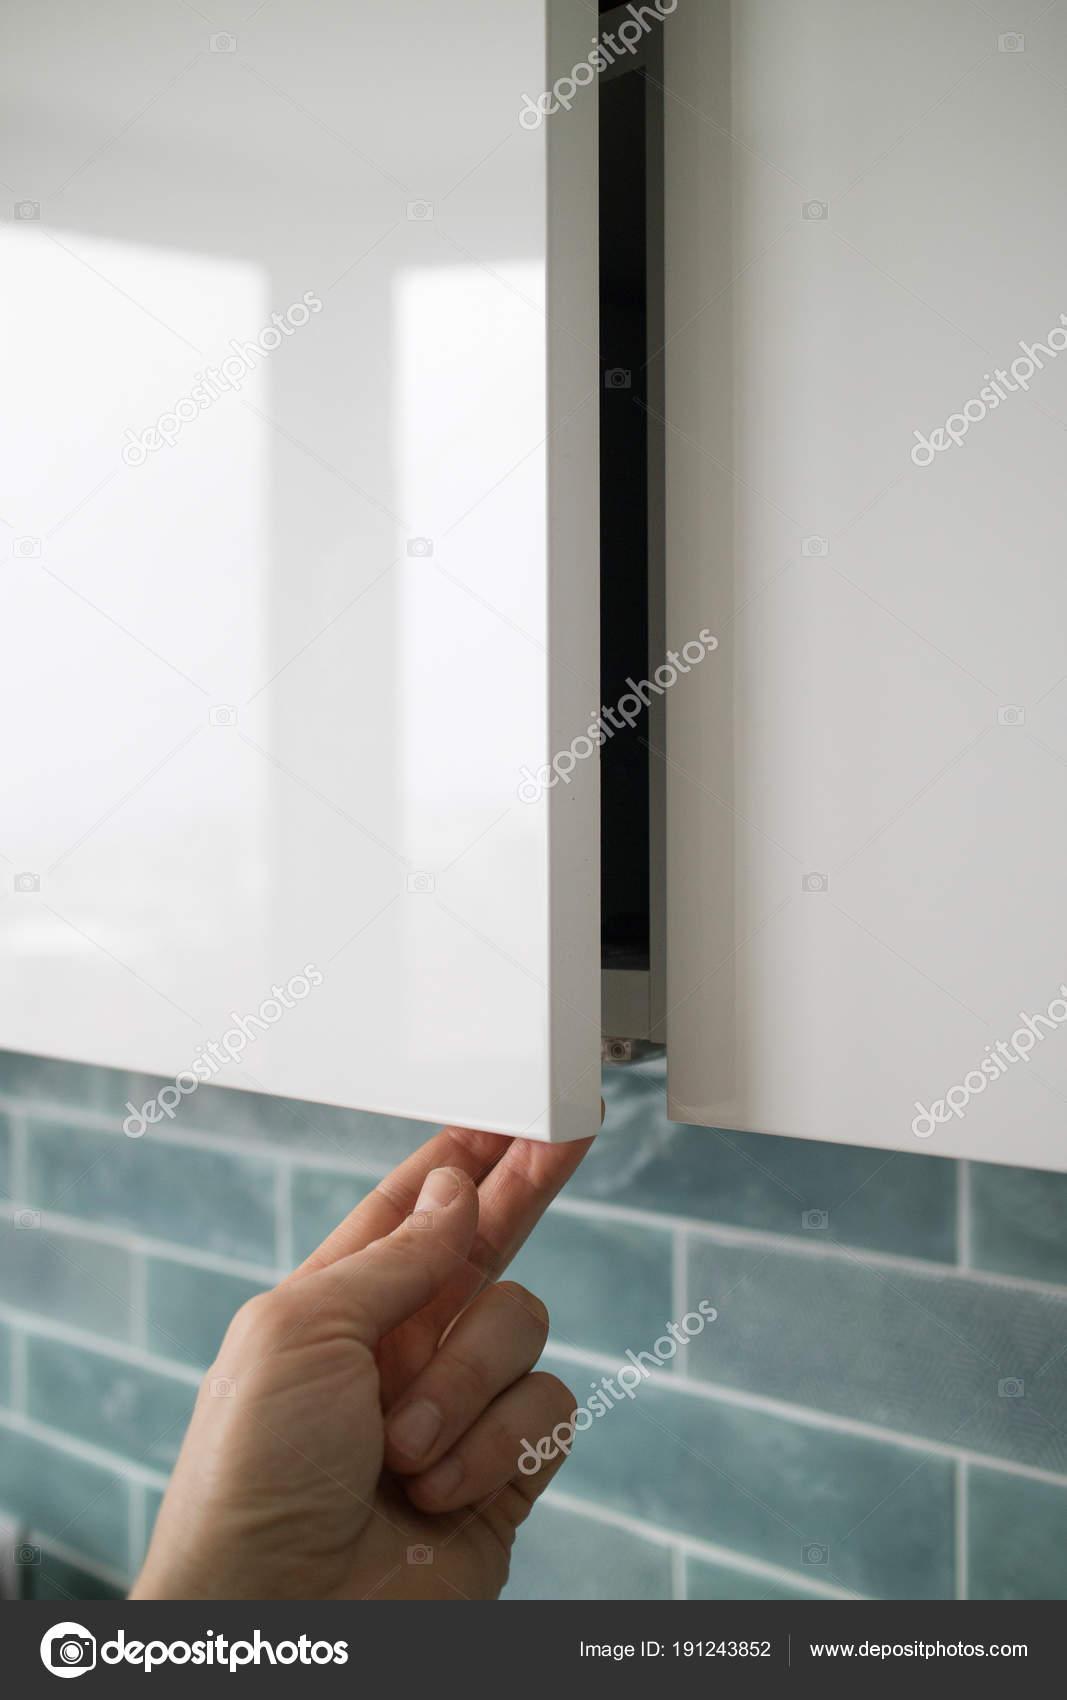 kitchen cabinet door beach cabinets 男手开厨柜门 图库照片 c artjazz 191243852